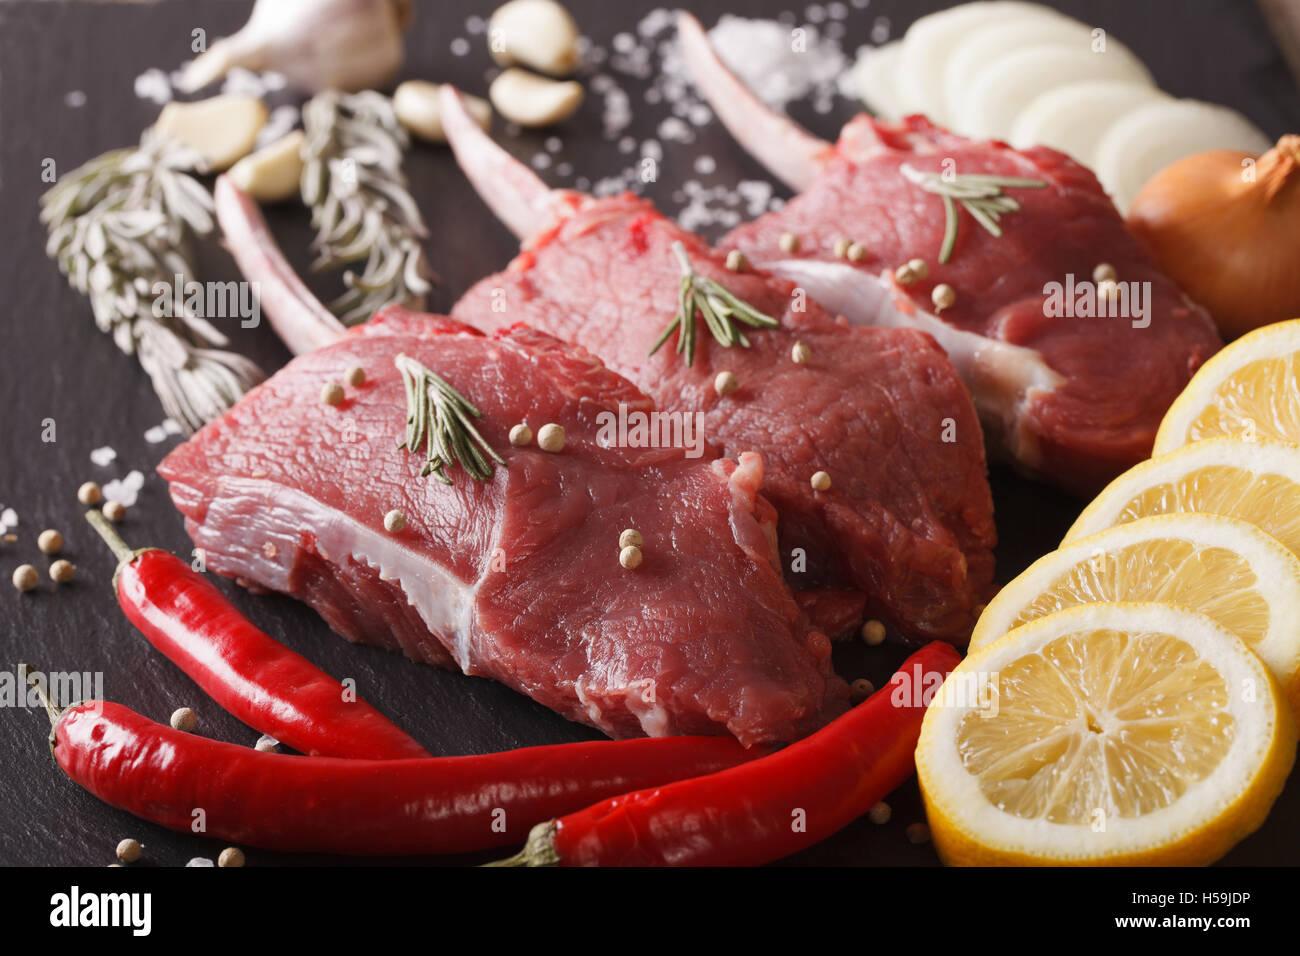 Steak de boeuf aux épices sur une table en pierre noire libre horizontale. Banque D'Images